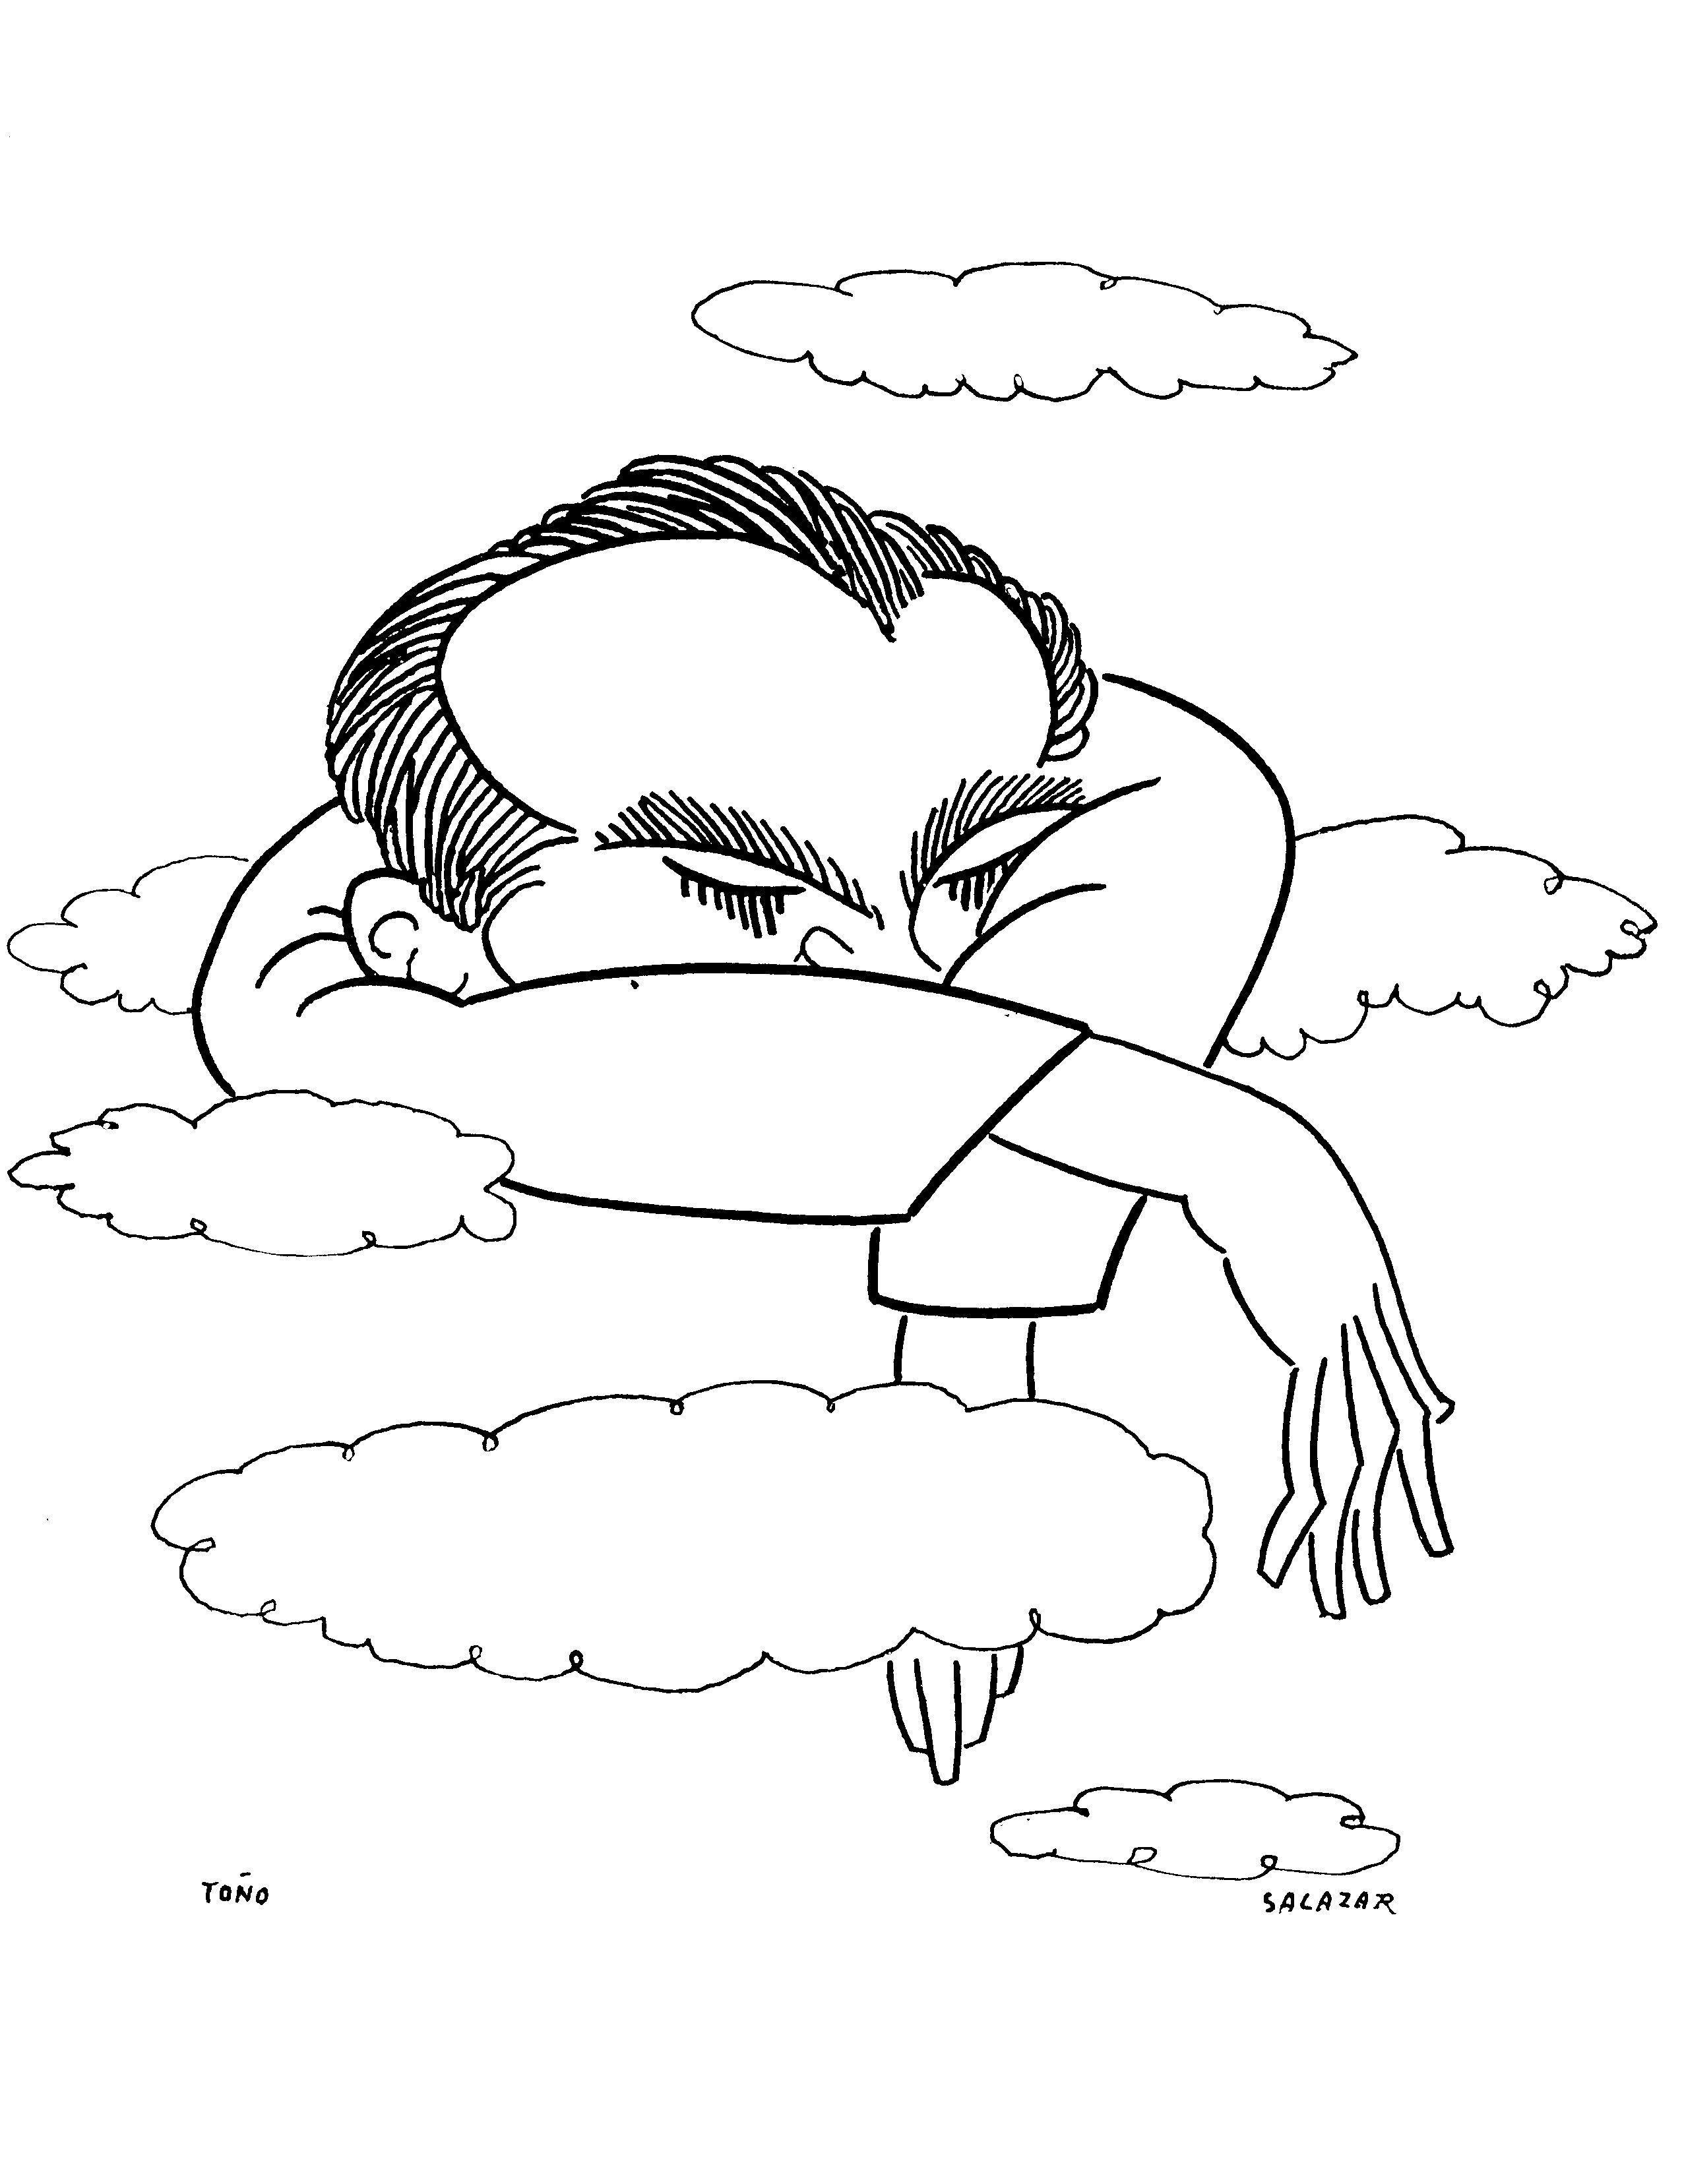 Poema Adam Federico Garcia Lorca